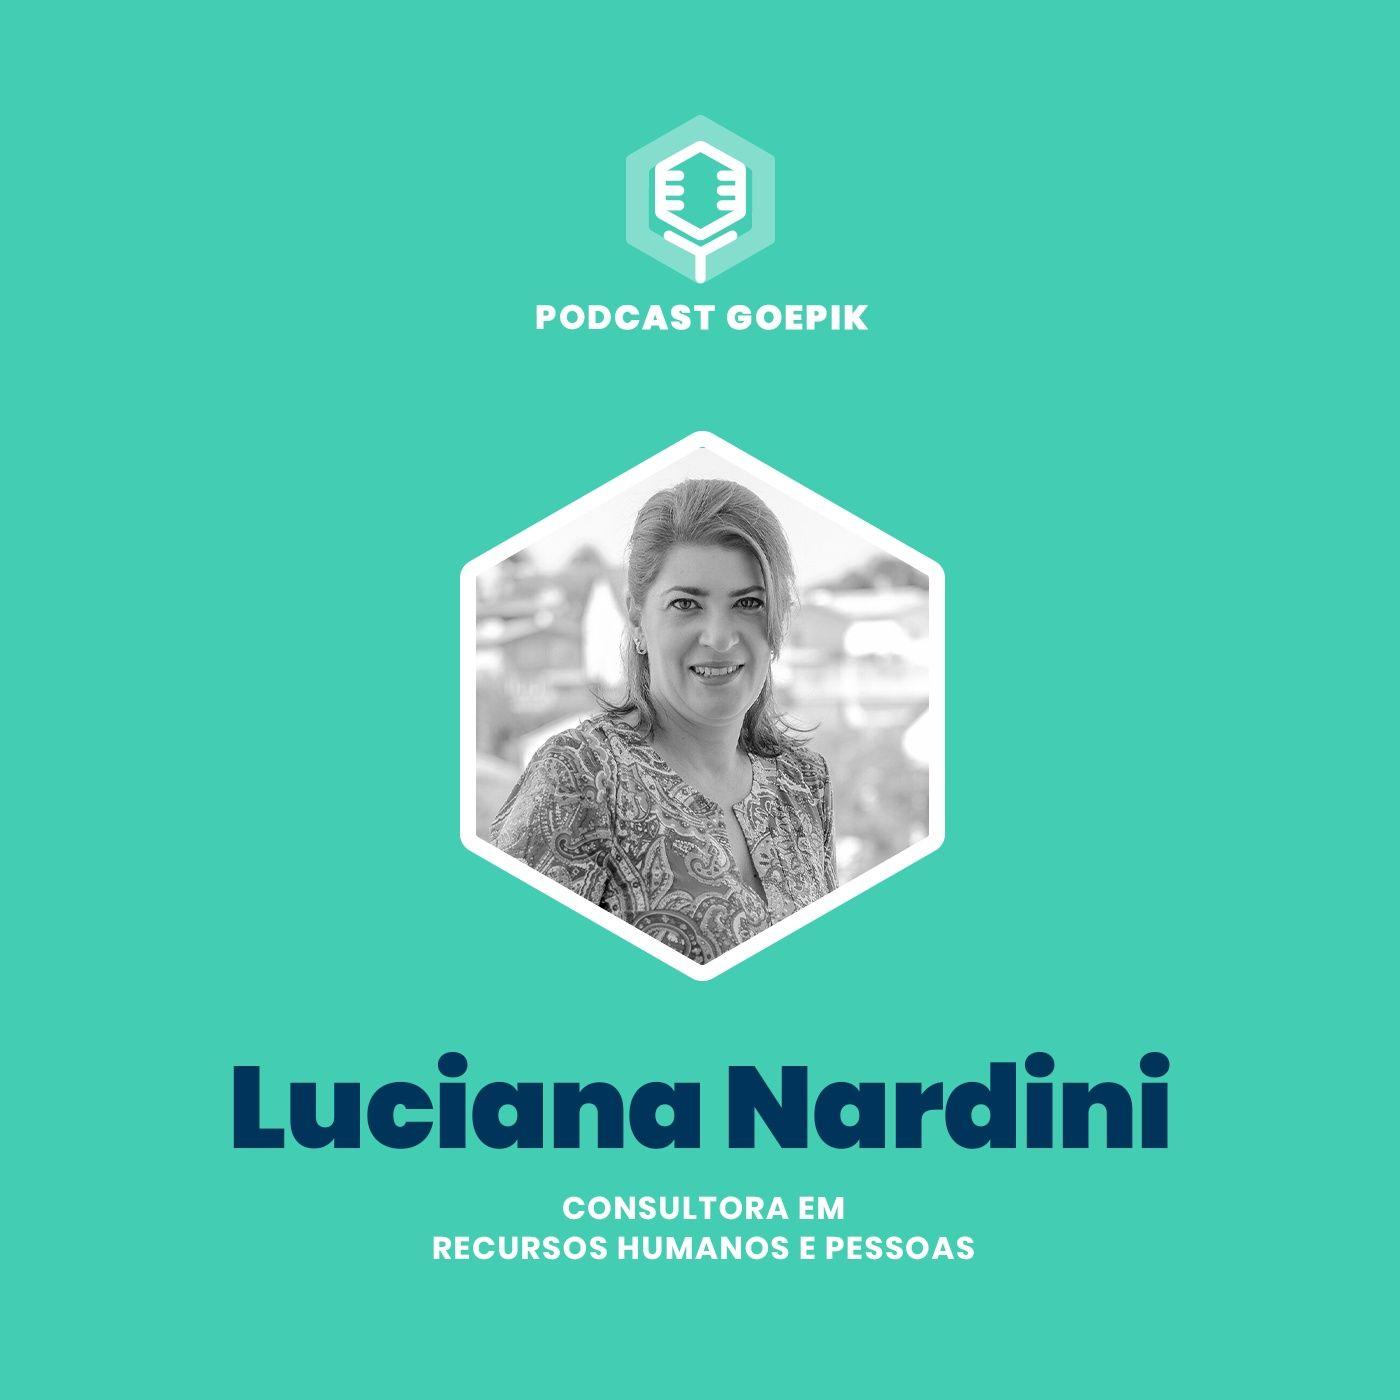 14. [Luciana Nardini] Pensamento crítico na era digital